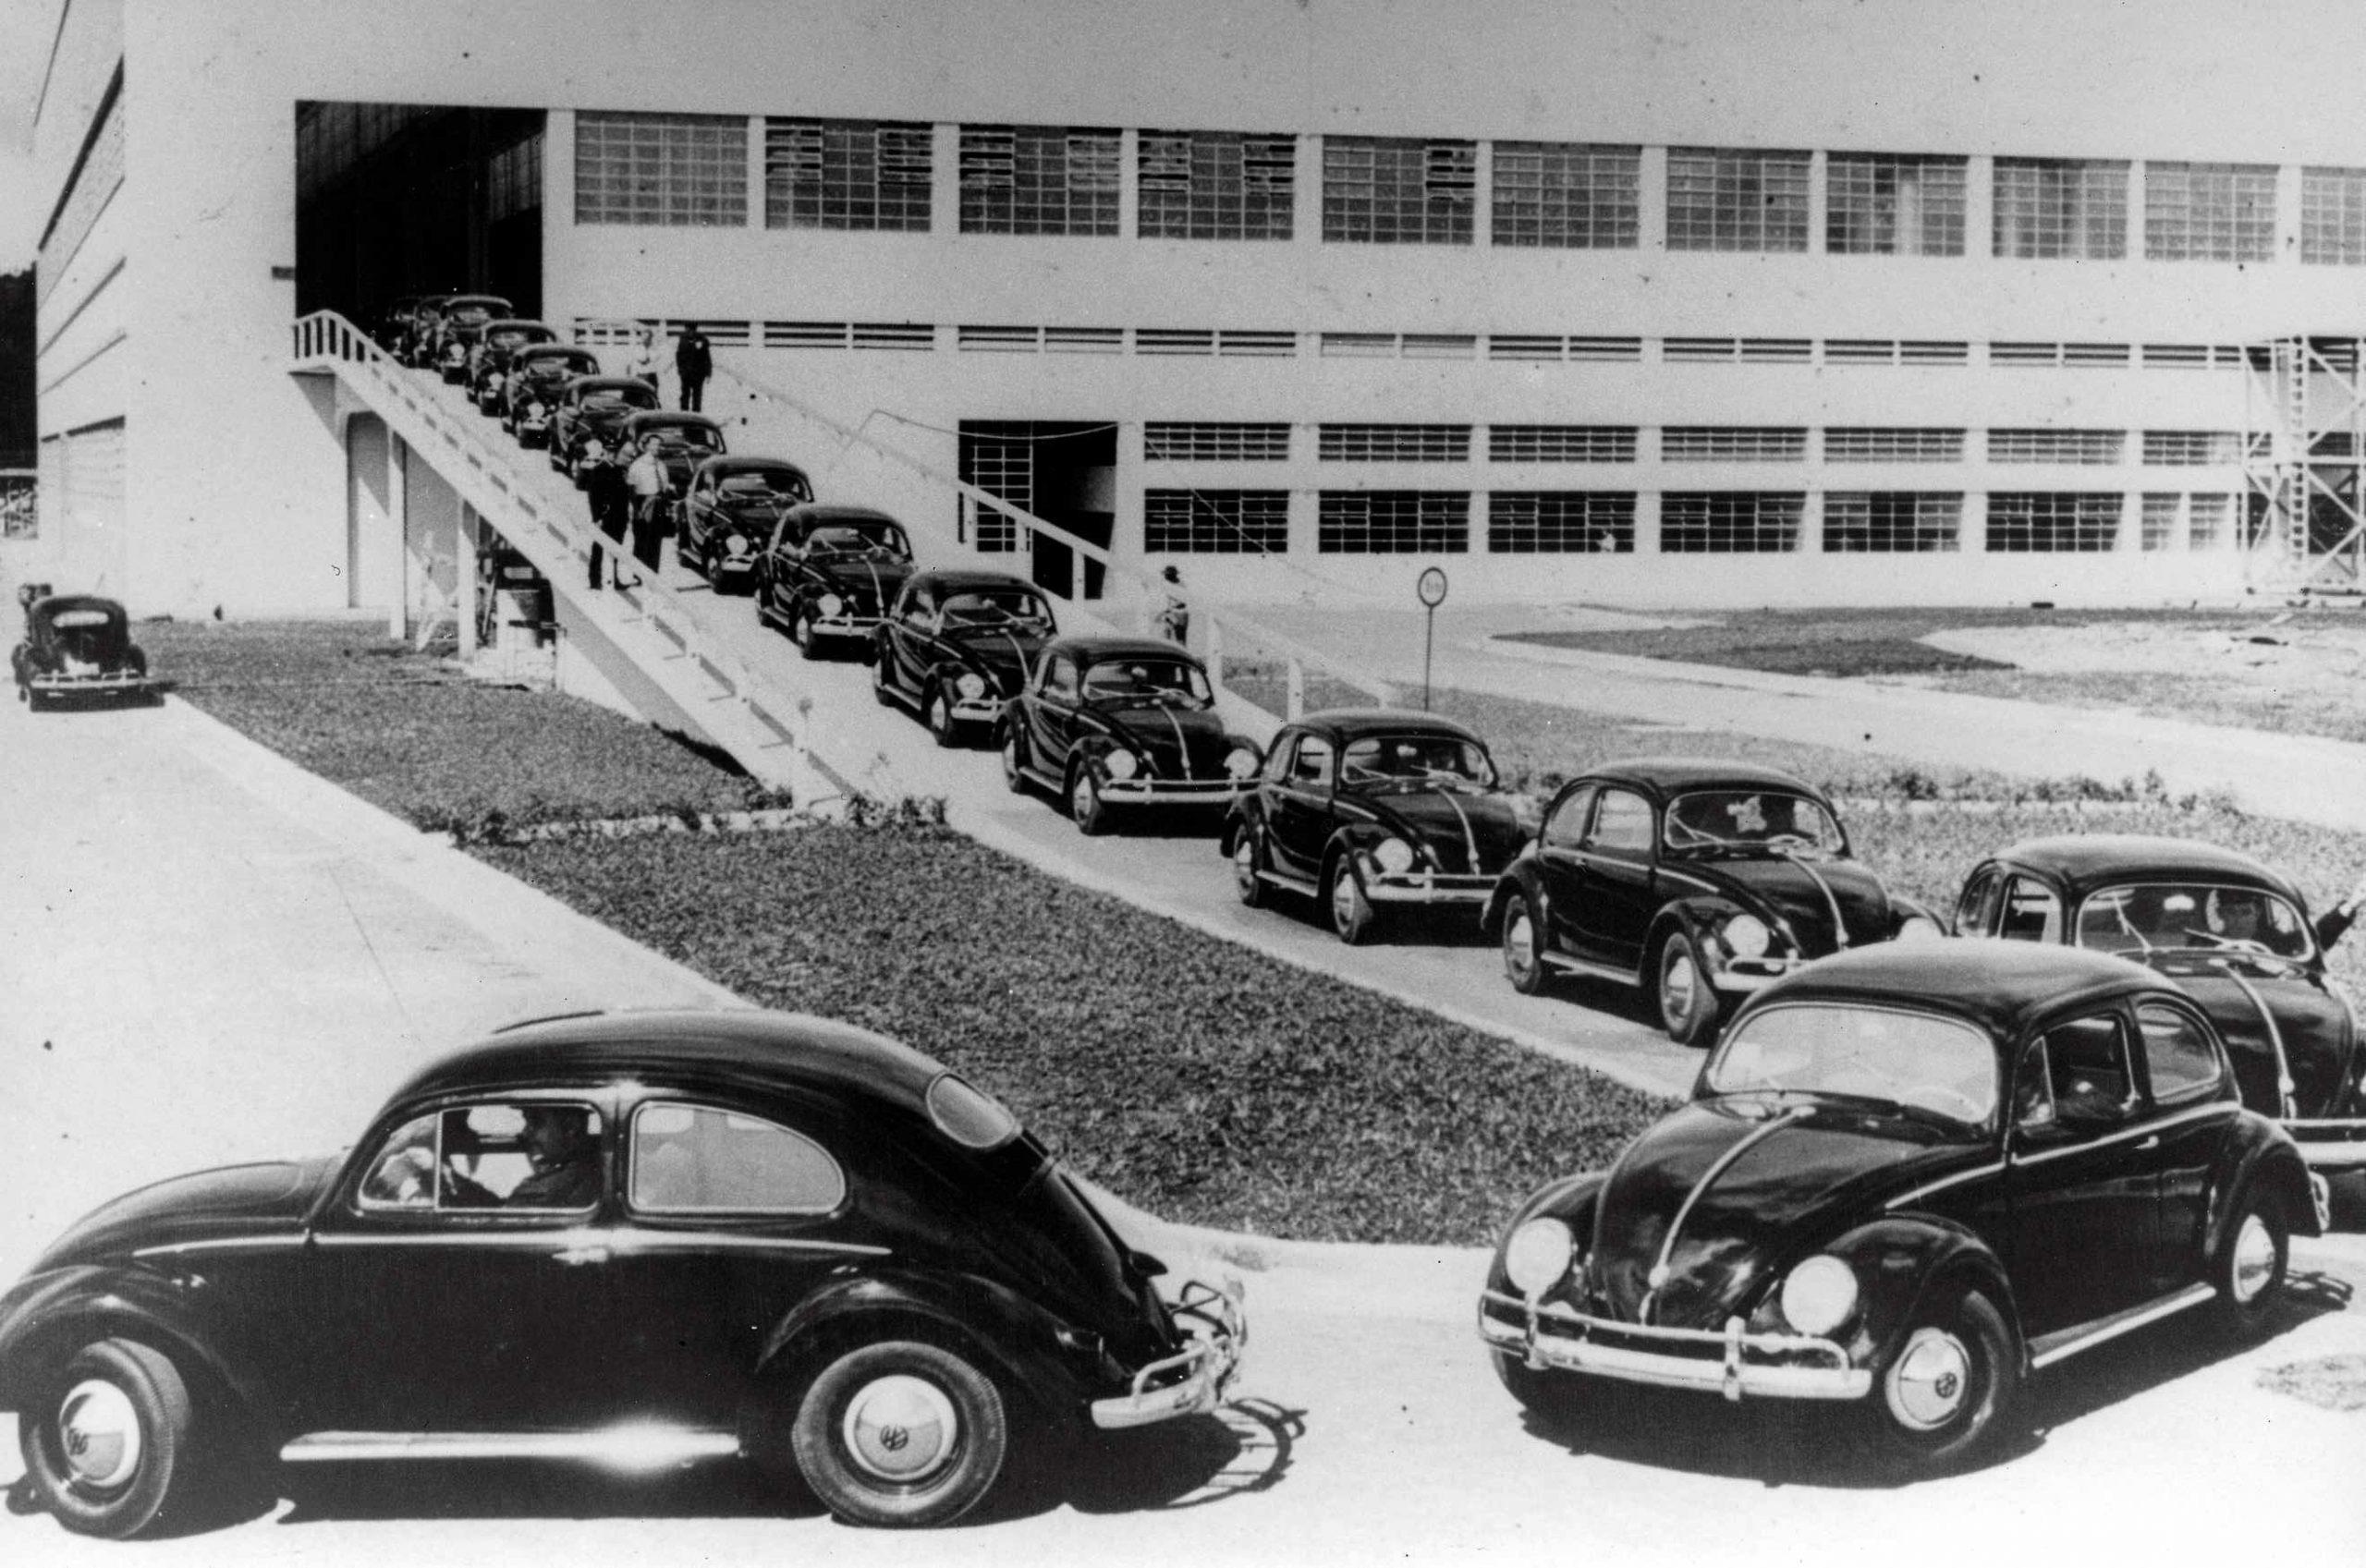 O AutoPapo listou 10 fatos que marcaram a história do Volkswagen Fusca no Brasil